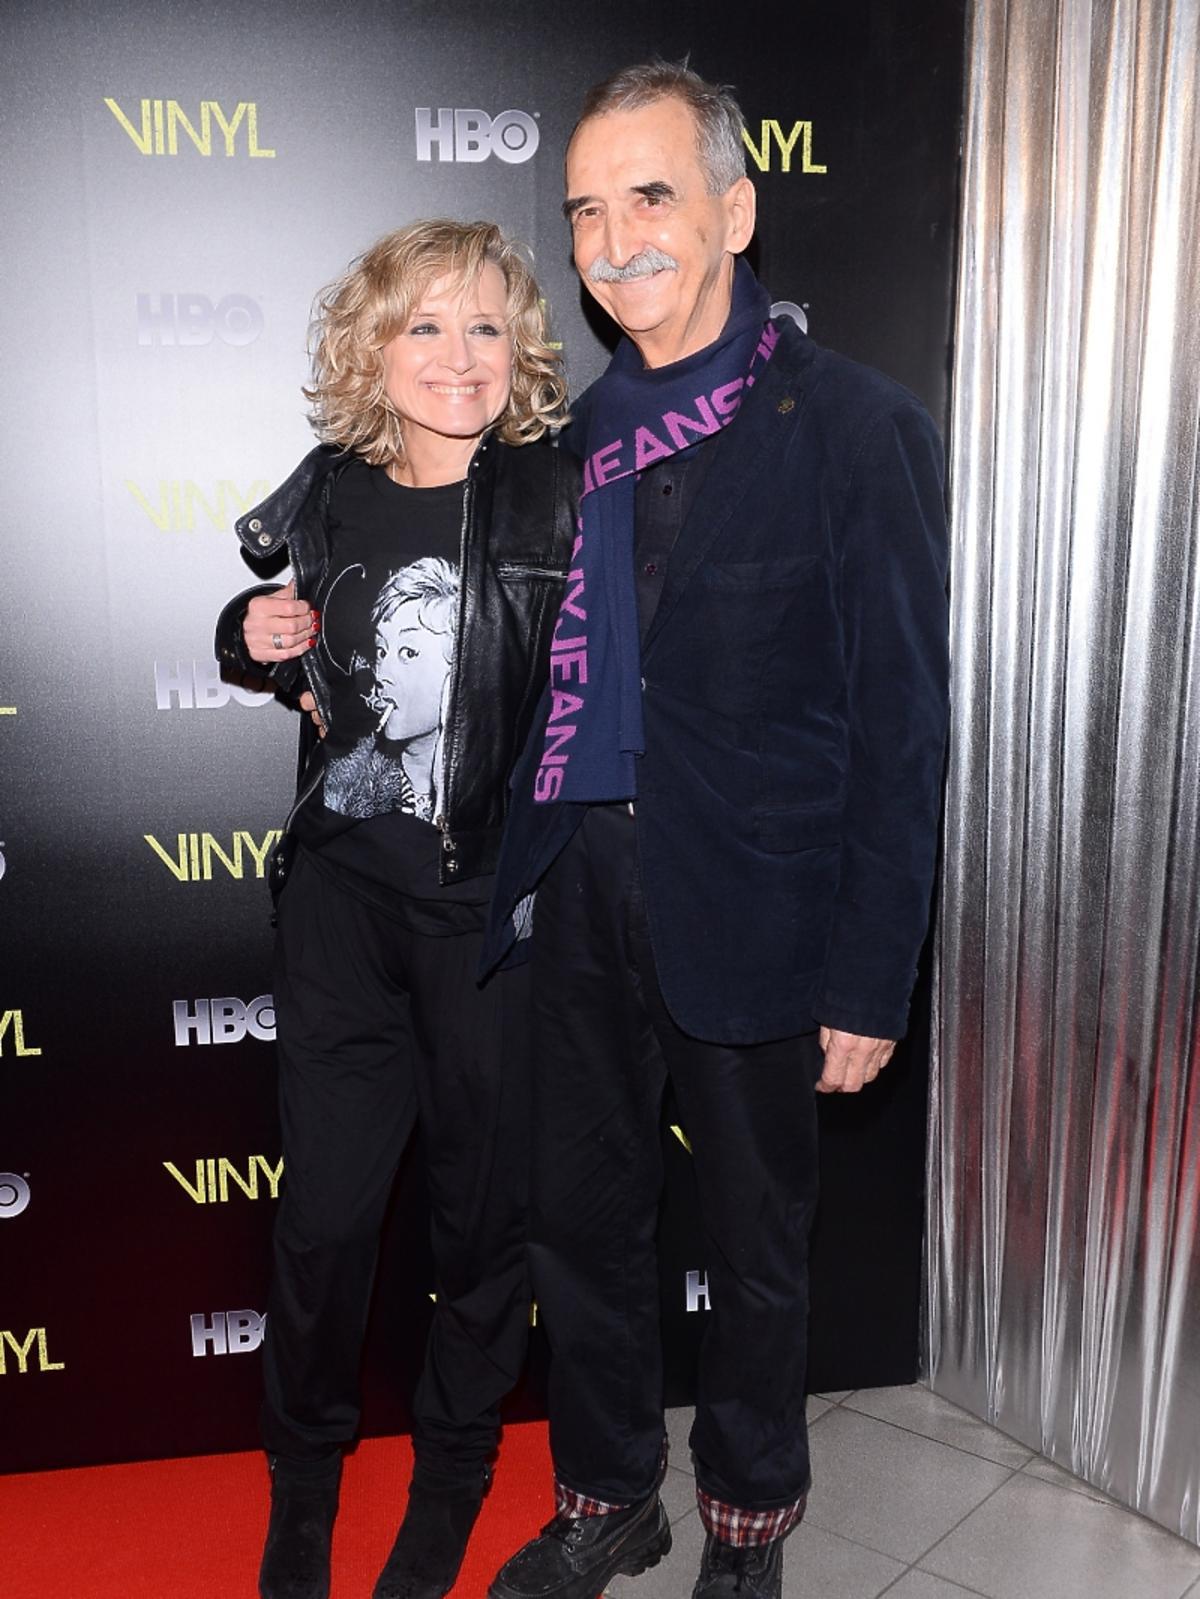 Małgorzata Bogdańska i Marek Koterski na pokazie serialu Vinyl